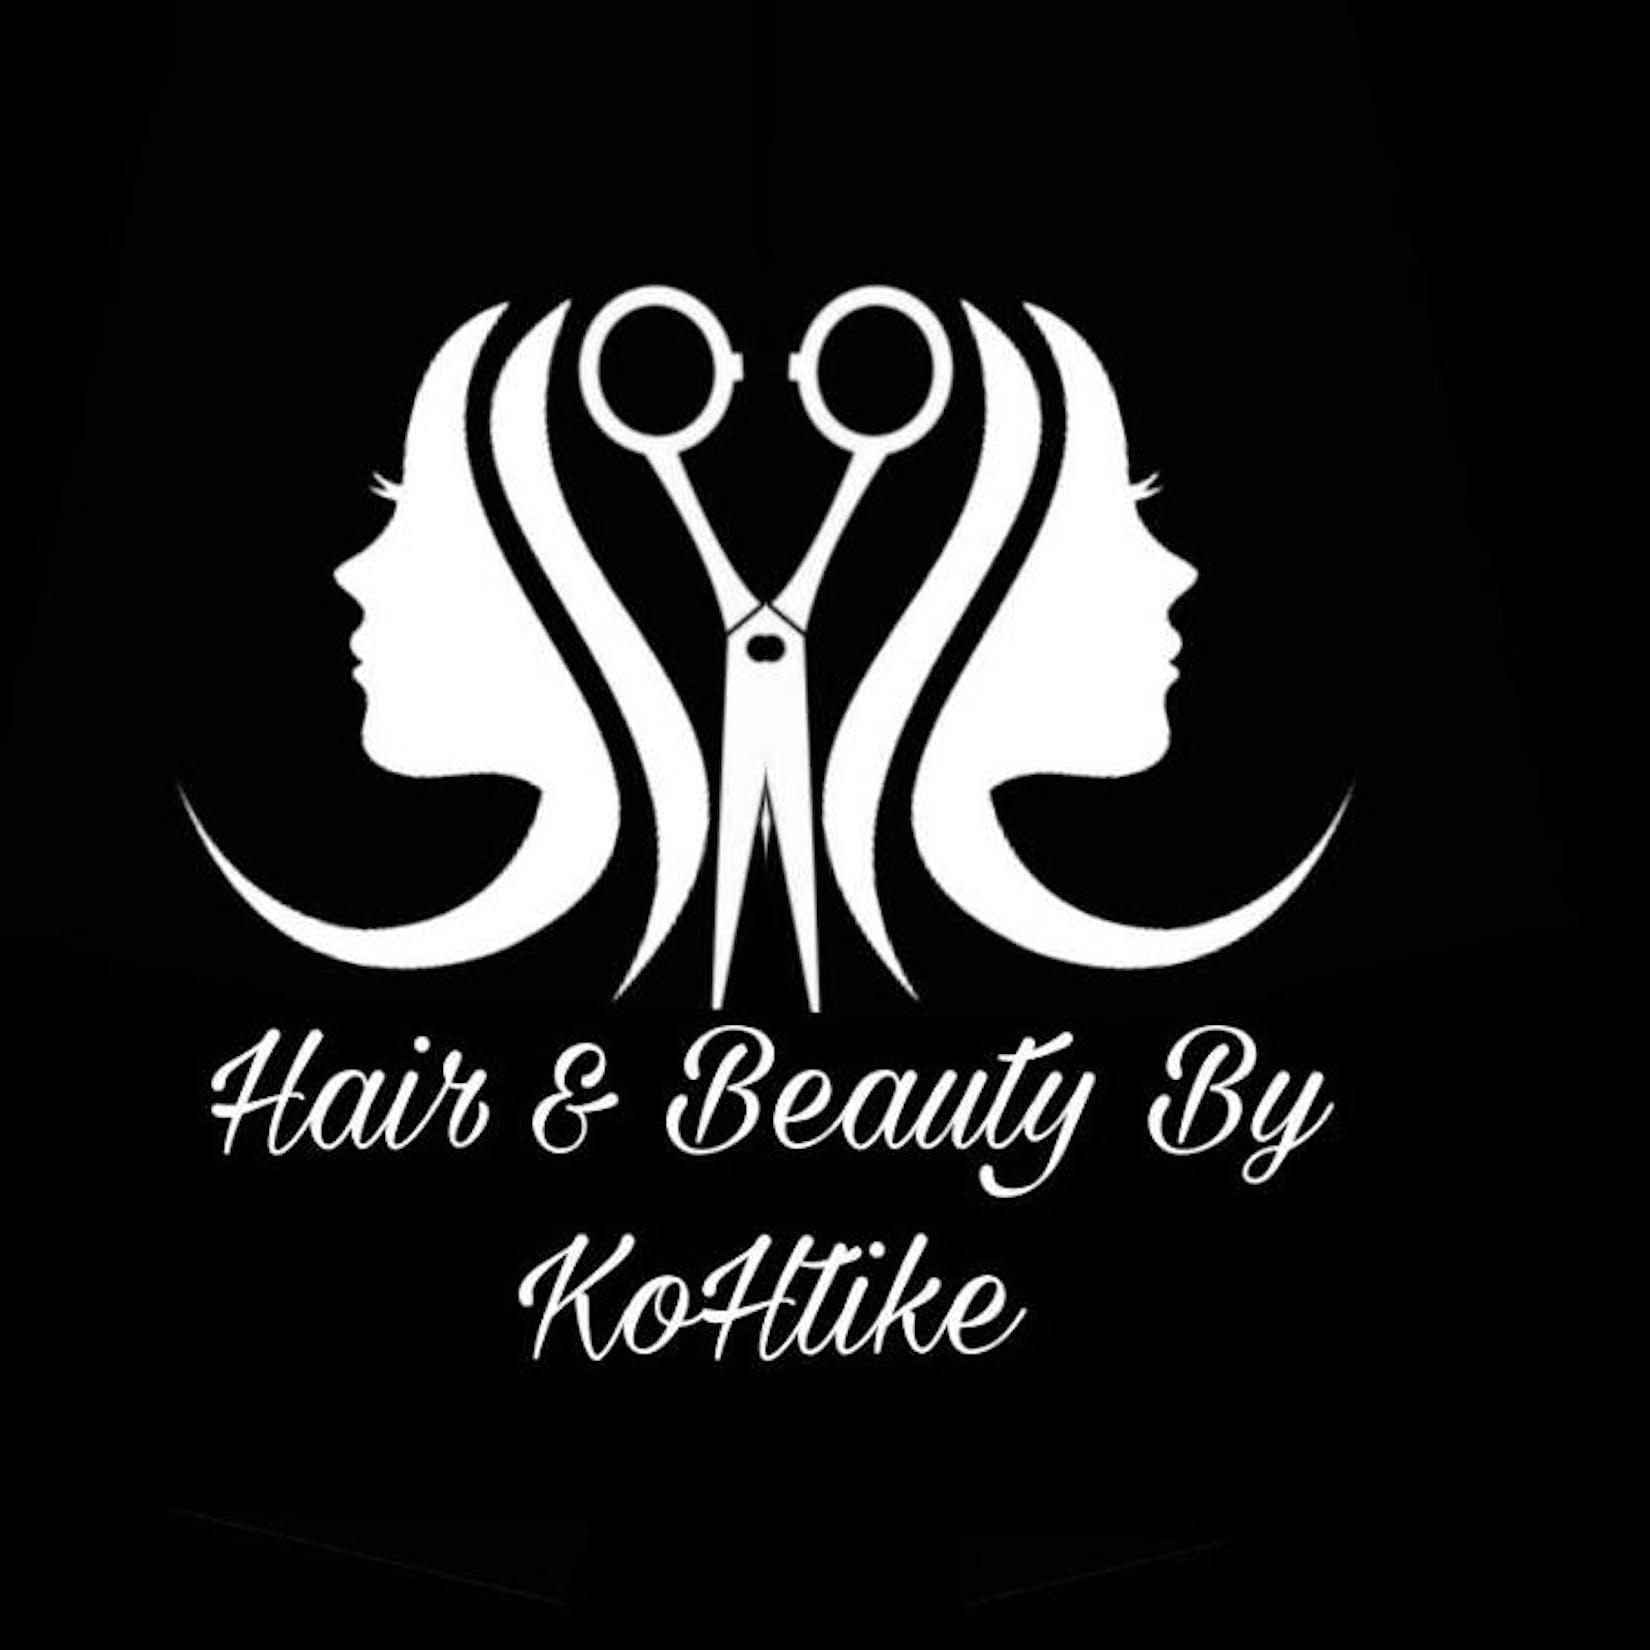 Hair & Beauty By,KoHtike | Beauty